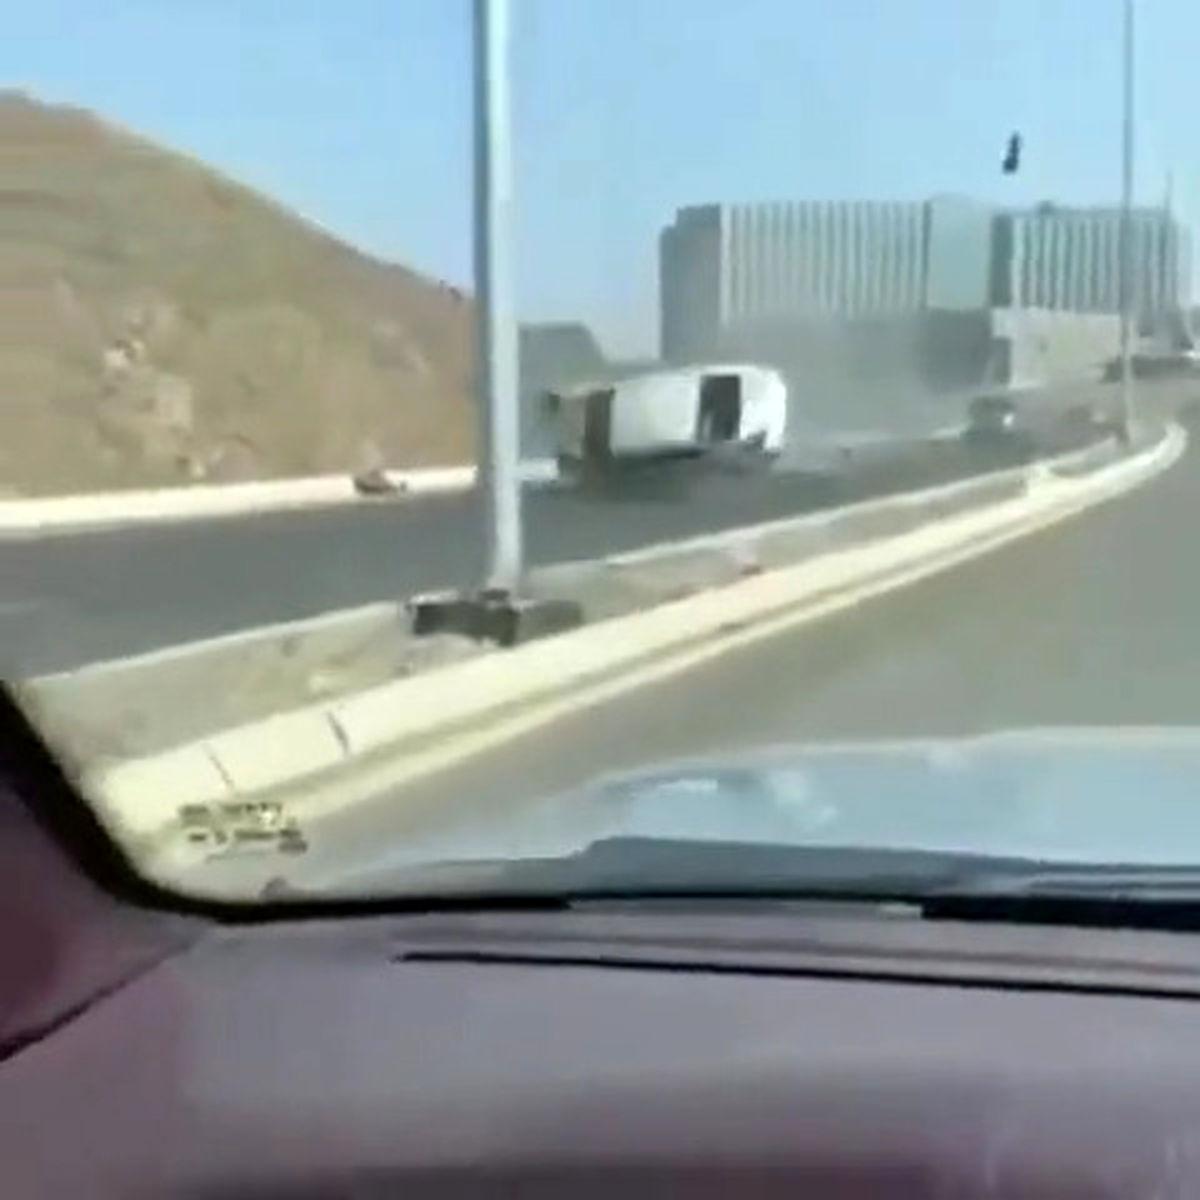 تصاویر هولناک از یک تصادف/پرت شدن 5 متری راننده پس از واژگونی خودرو! +عکس